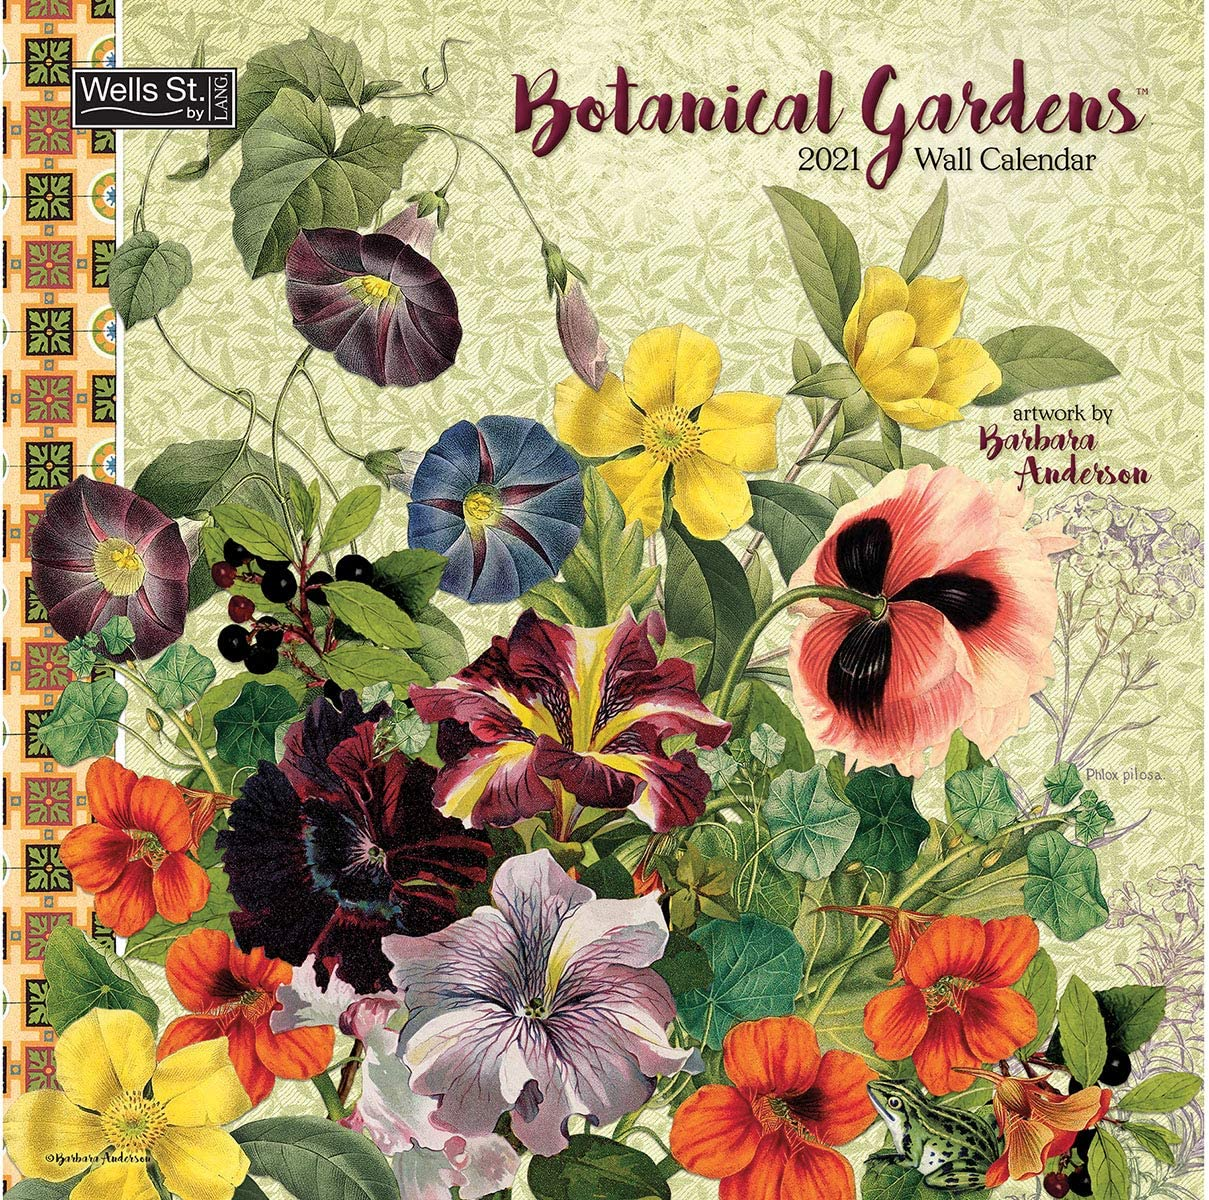 Wells Street by Lang WSBL Botanical Gardens 2021 12x12 Wall Calendar (21997001729)